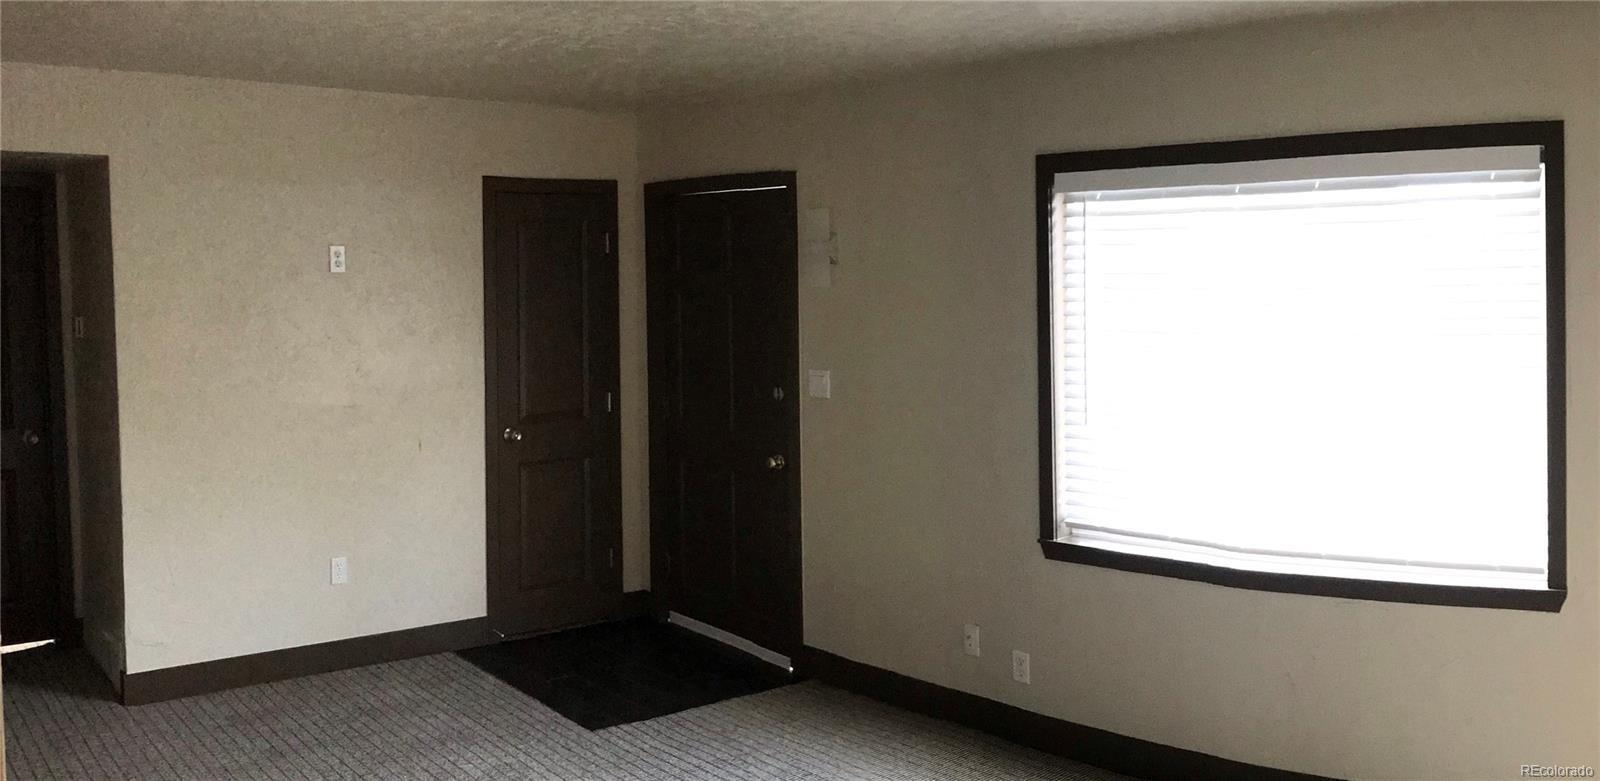 MLS# 5957251 - 1 - 13628  E 7th Avenue, Aurora, CO 80011